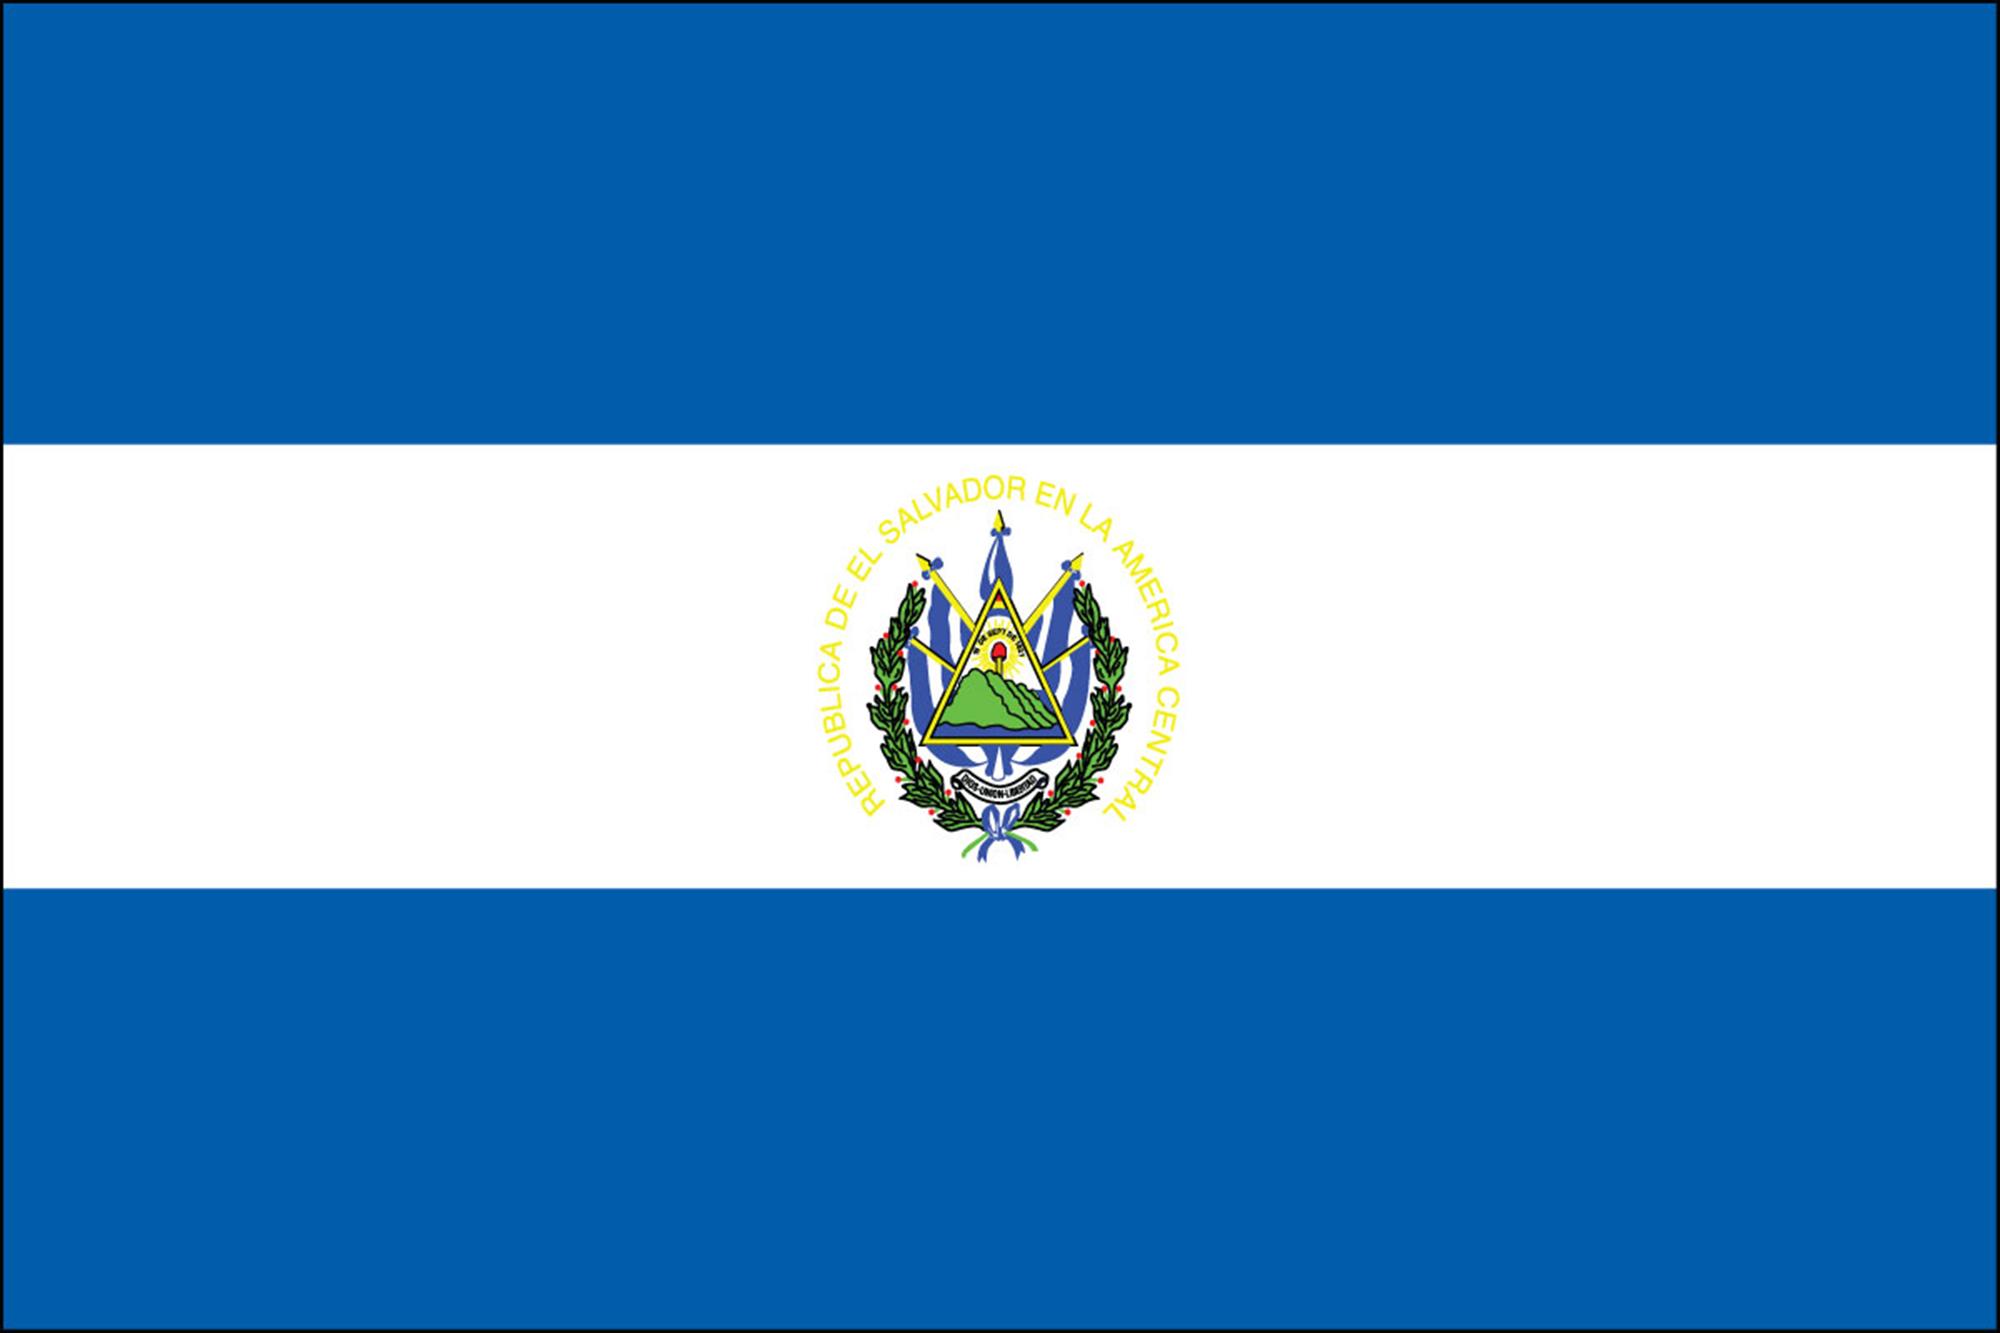 El Salvador Flags